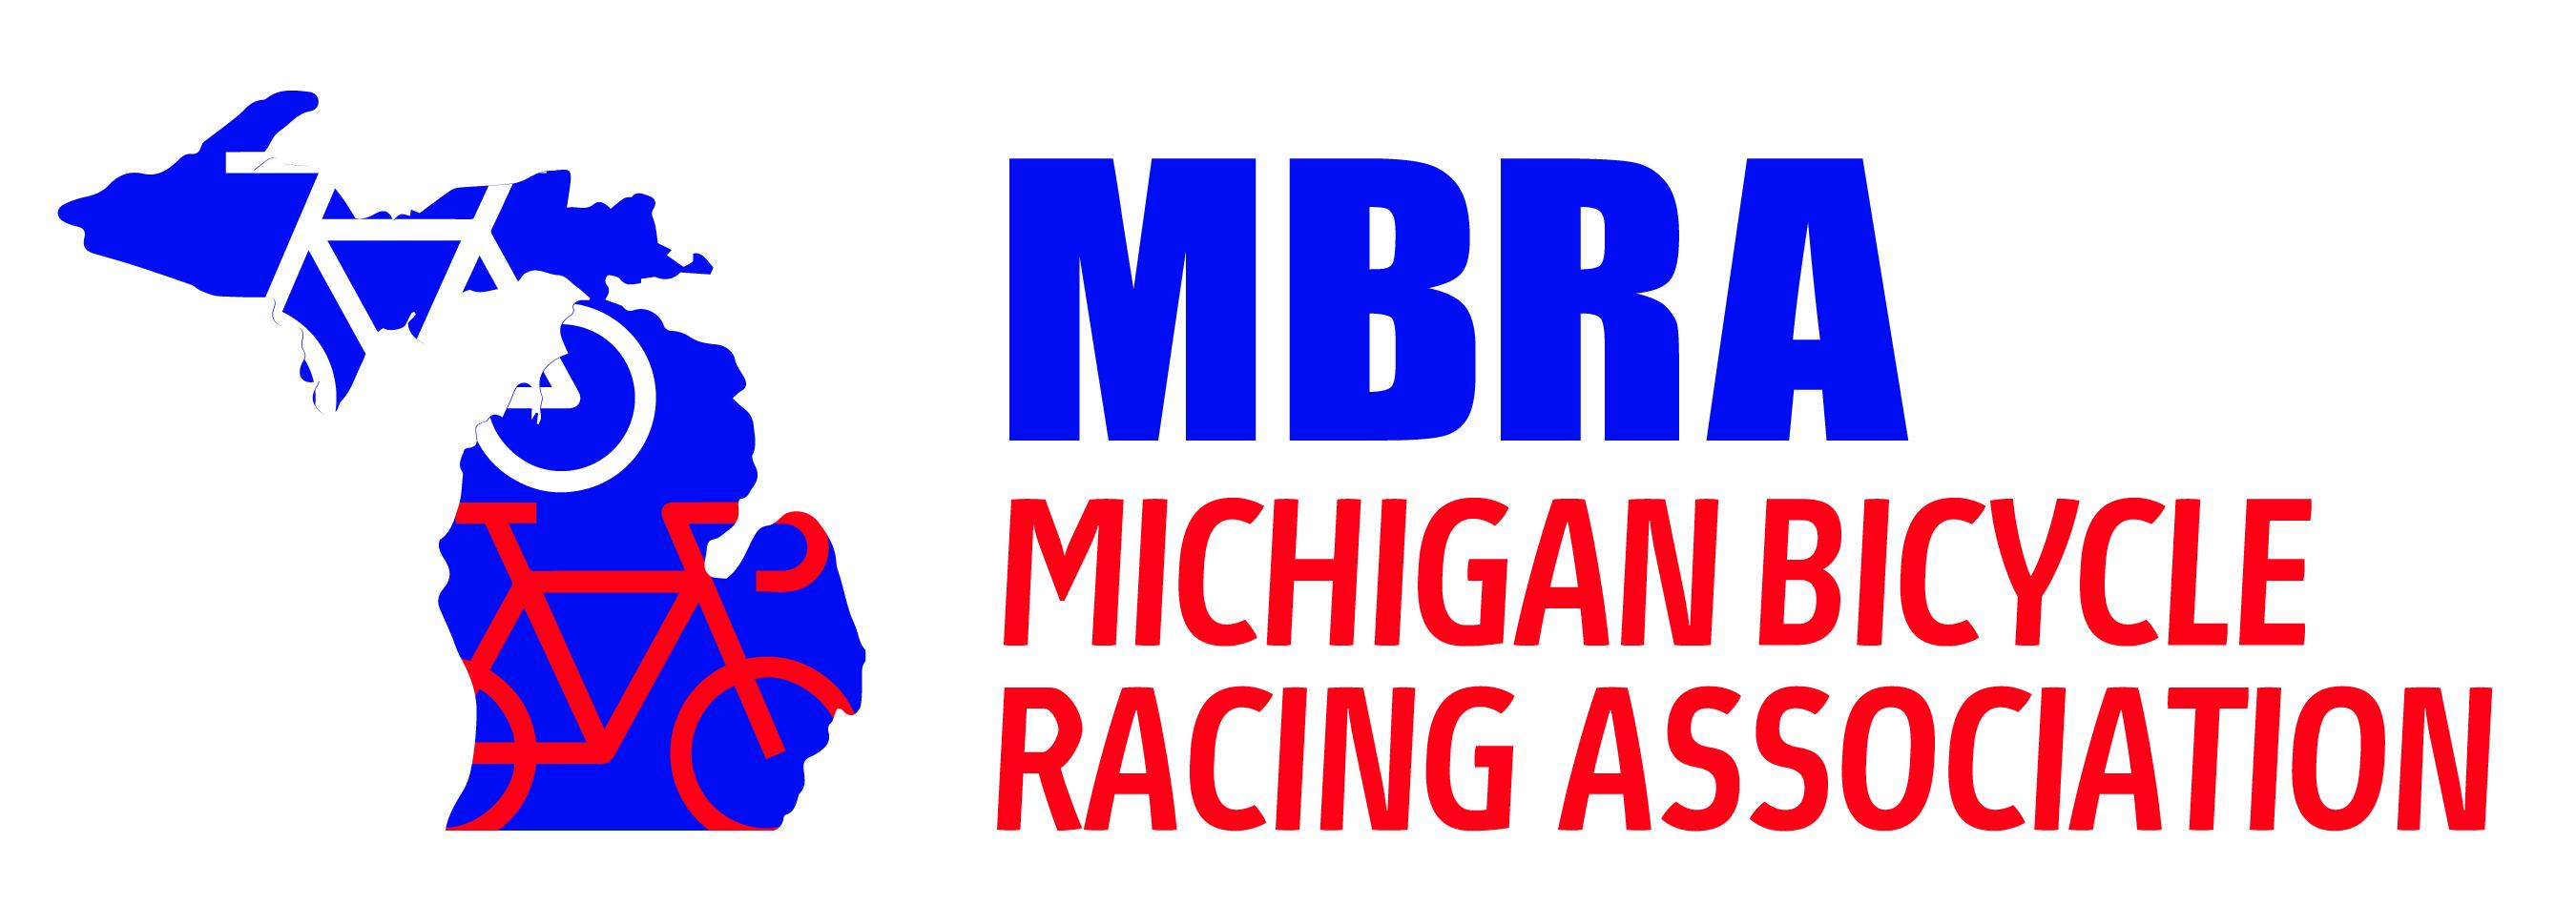 Michigan Bicycle Racing Association (MBRA)